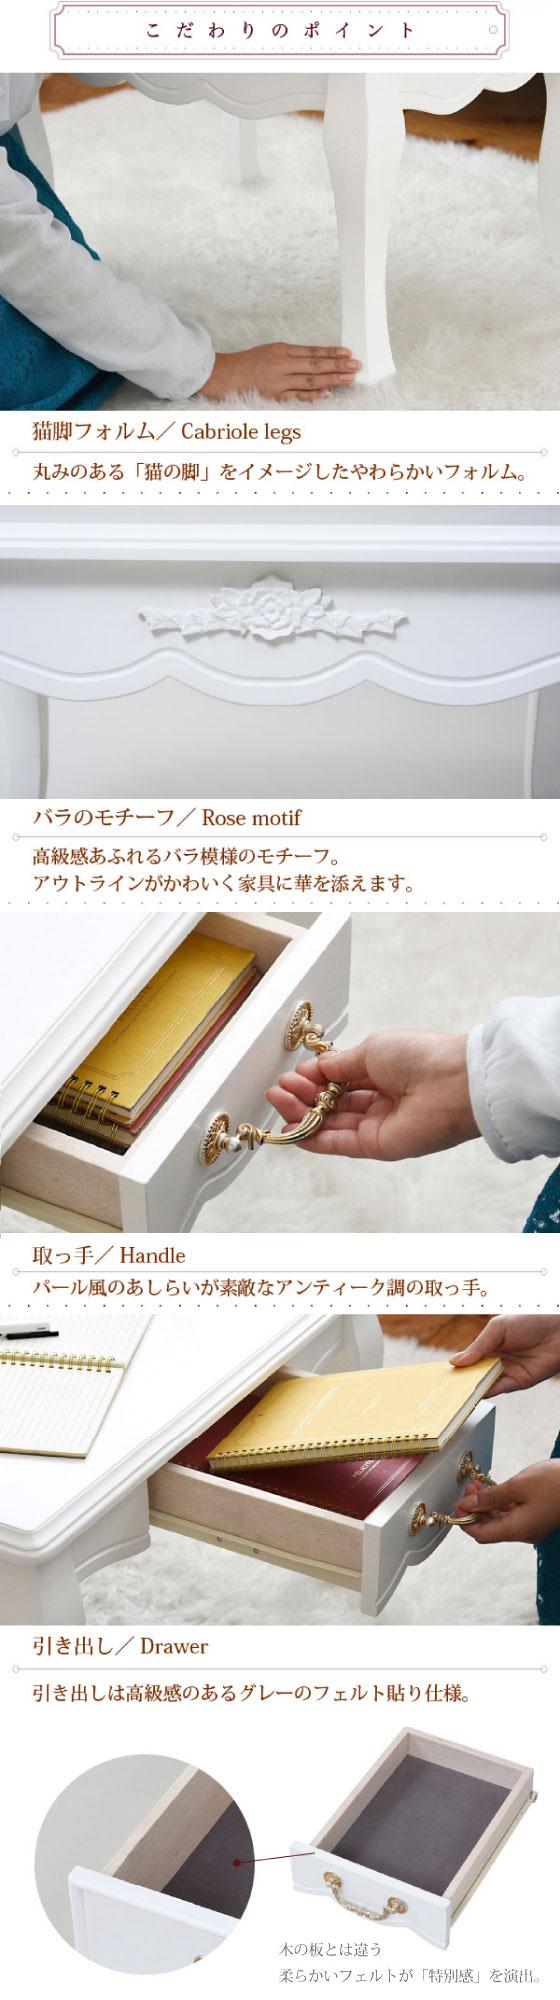 プリンセスホワイト・幅75cmリビングテーブル(完成品)